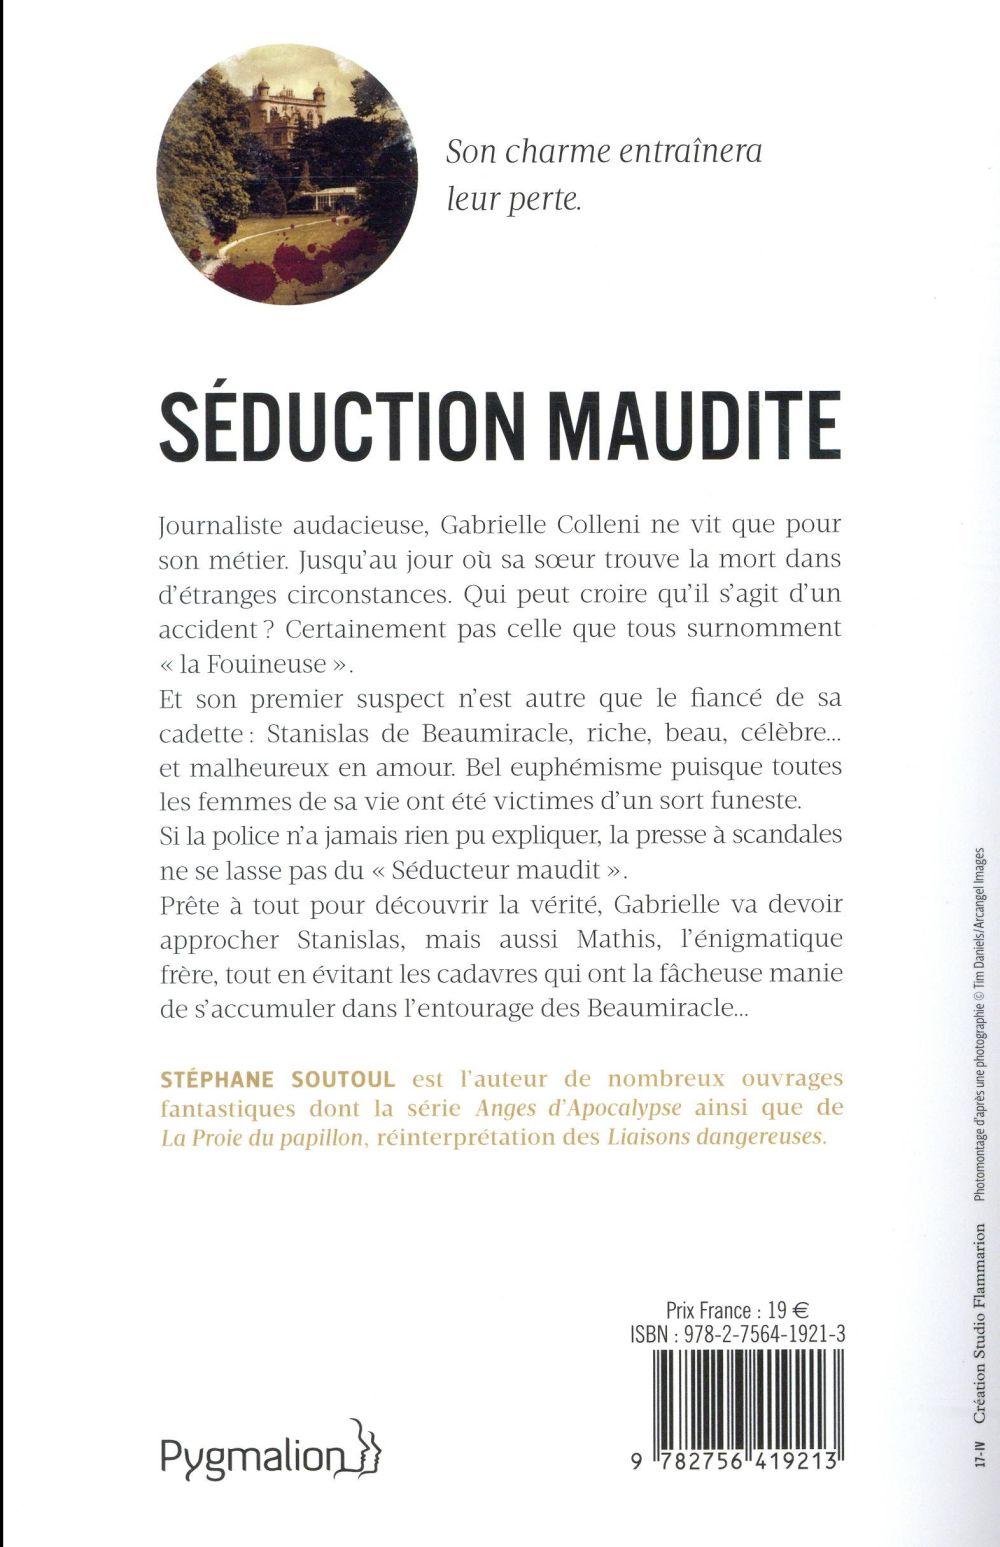 Séduction maudite